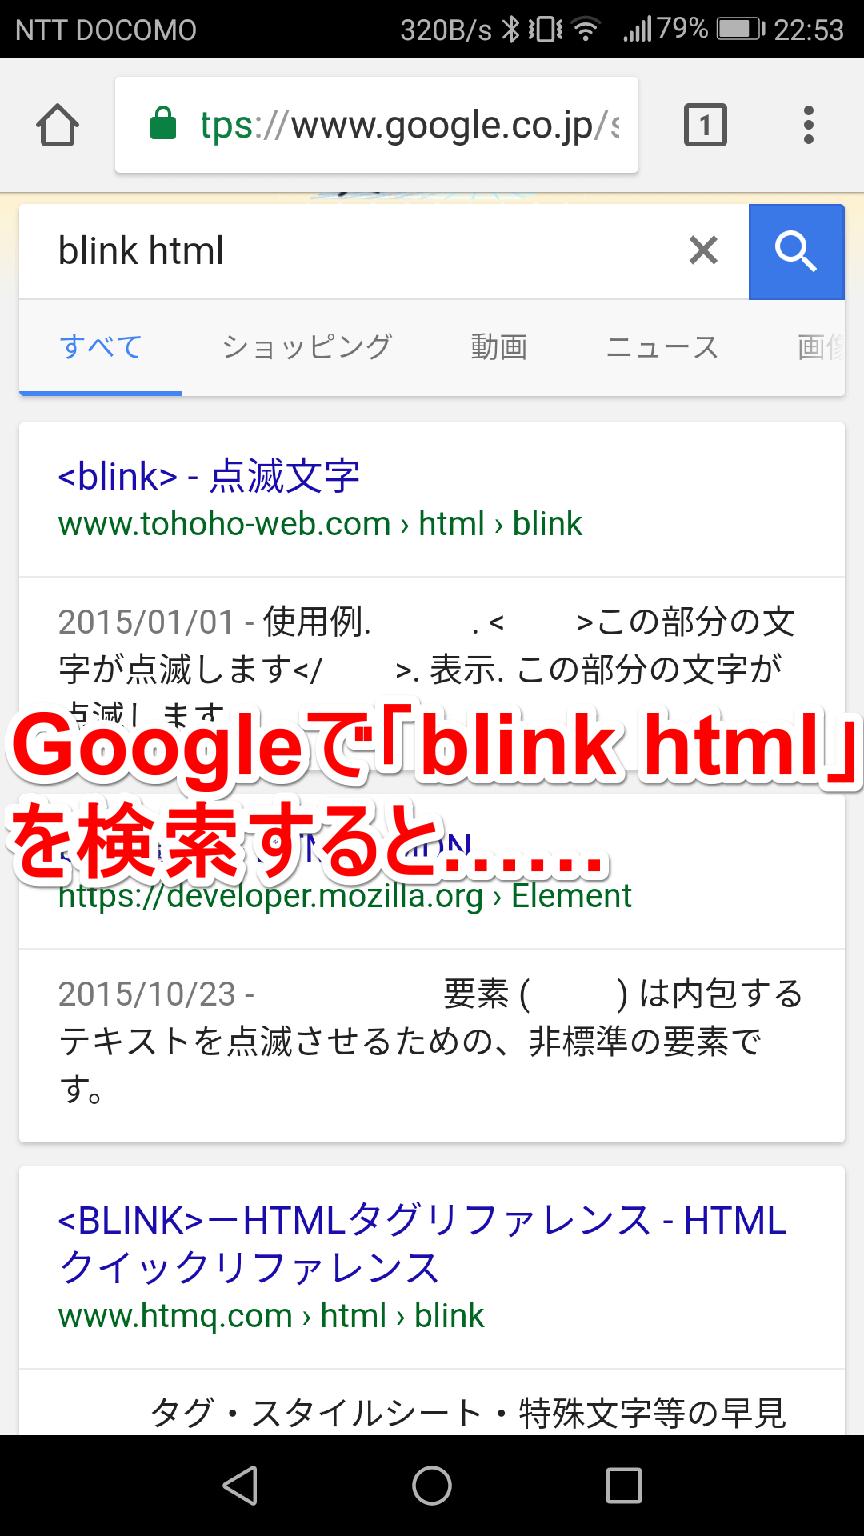 グーグルで「blink html」を検索した画面